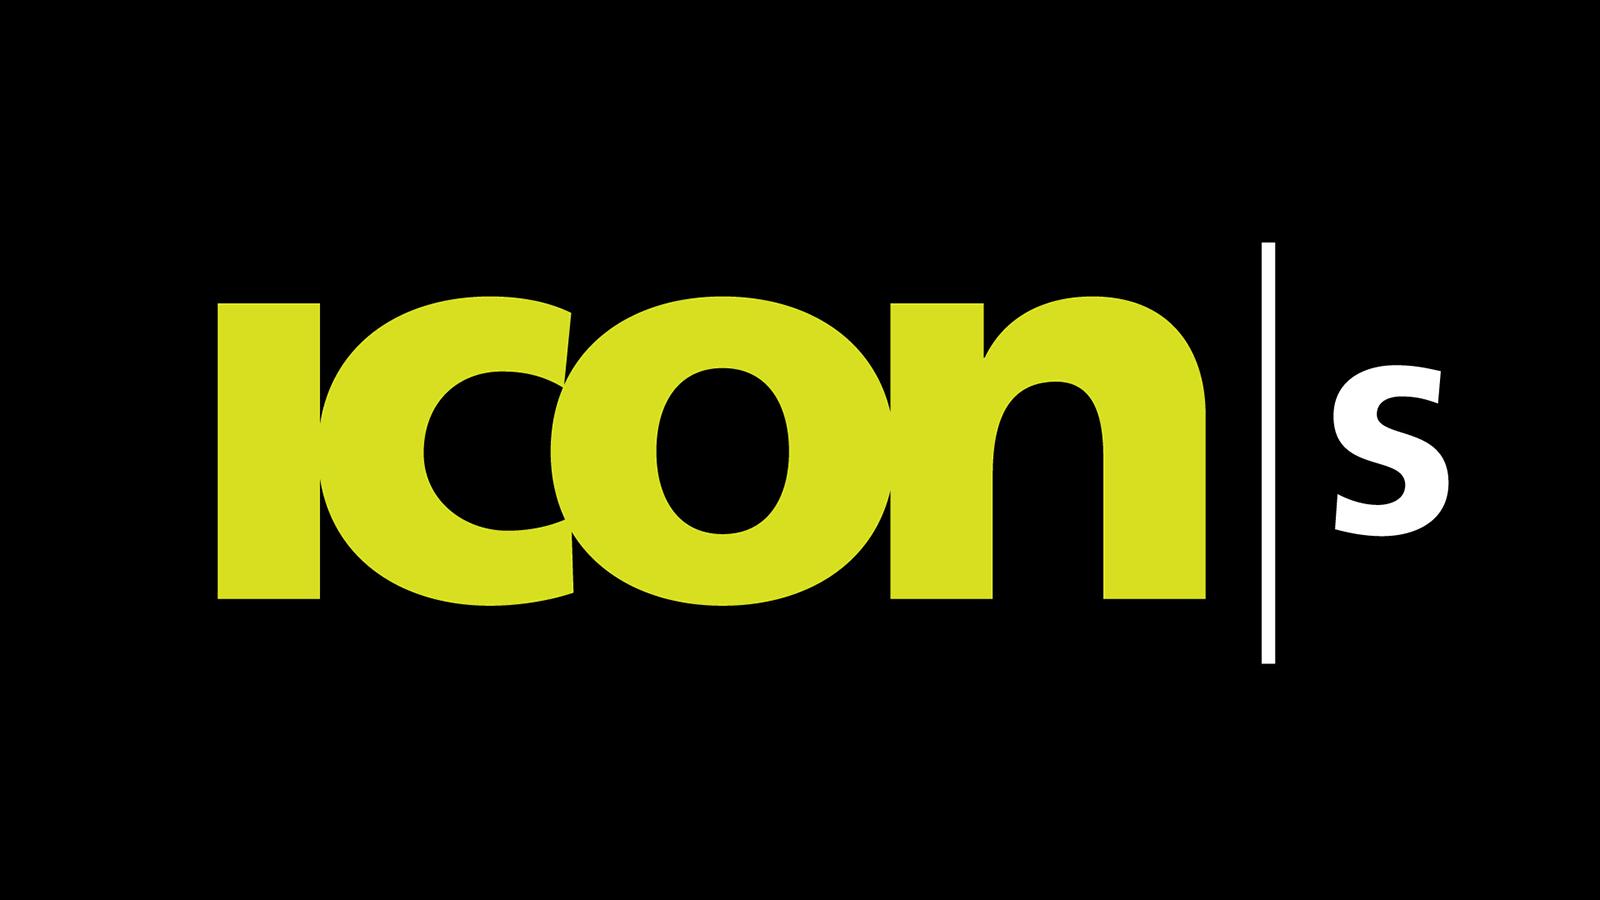 icon-senior-1600-x-900.png